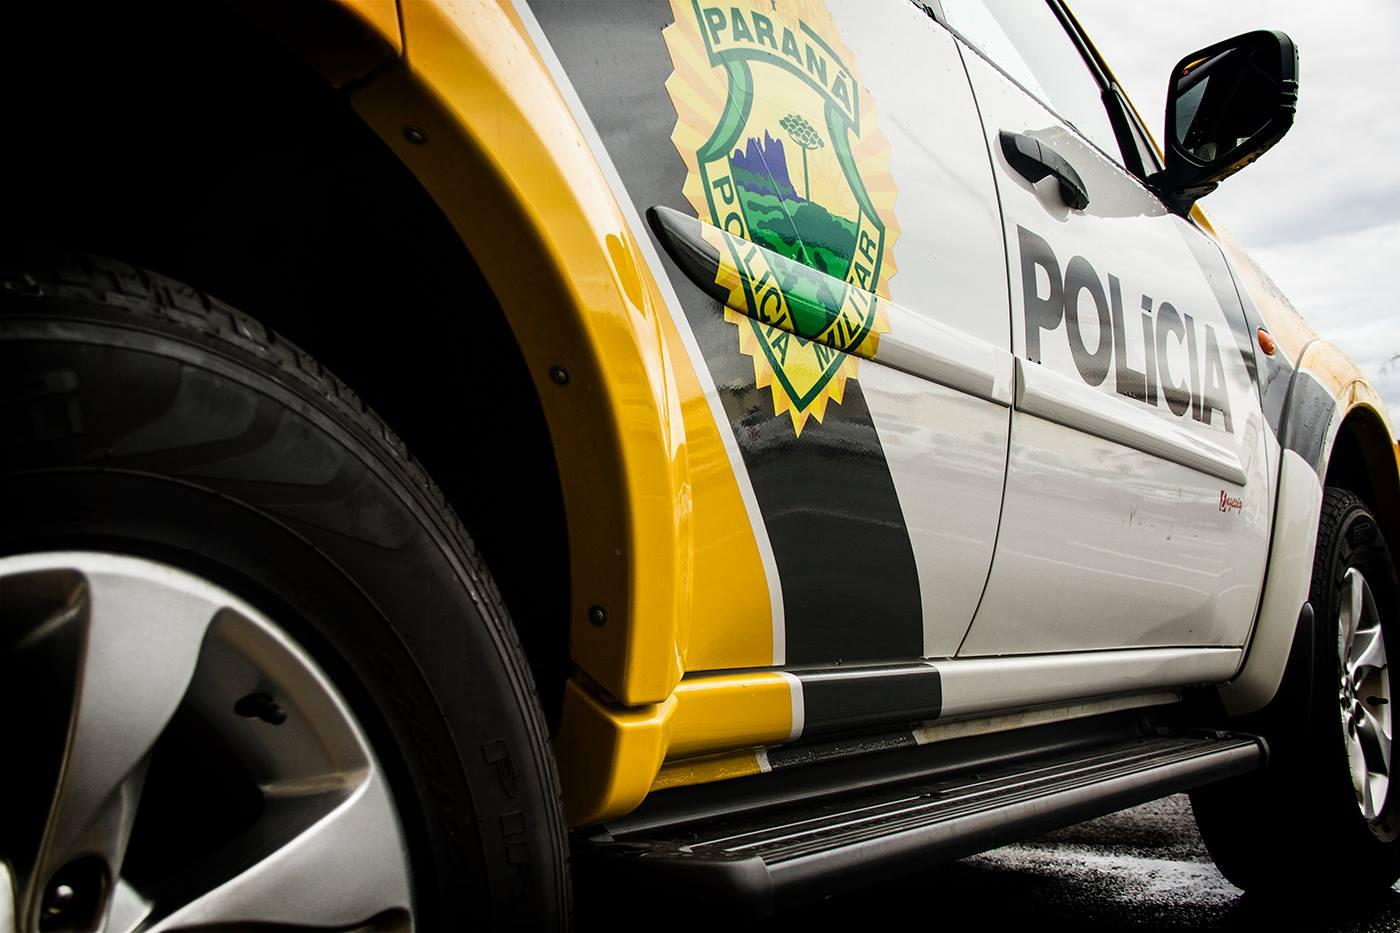 Em Pitanga polícia prende 4 indivíduos por furto, receptação e tráfico de drogas.